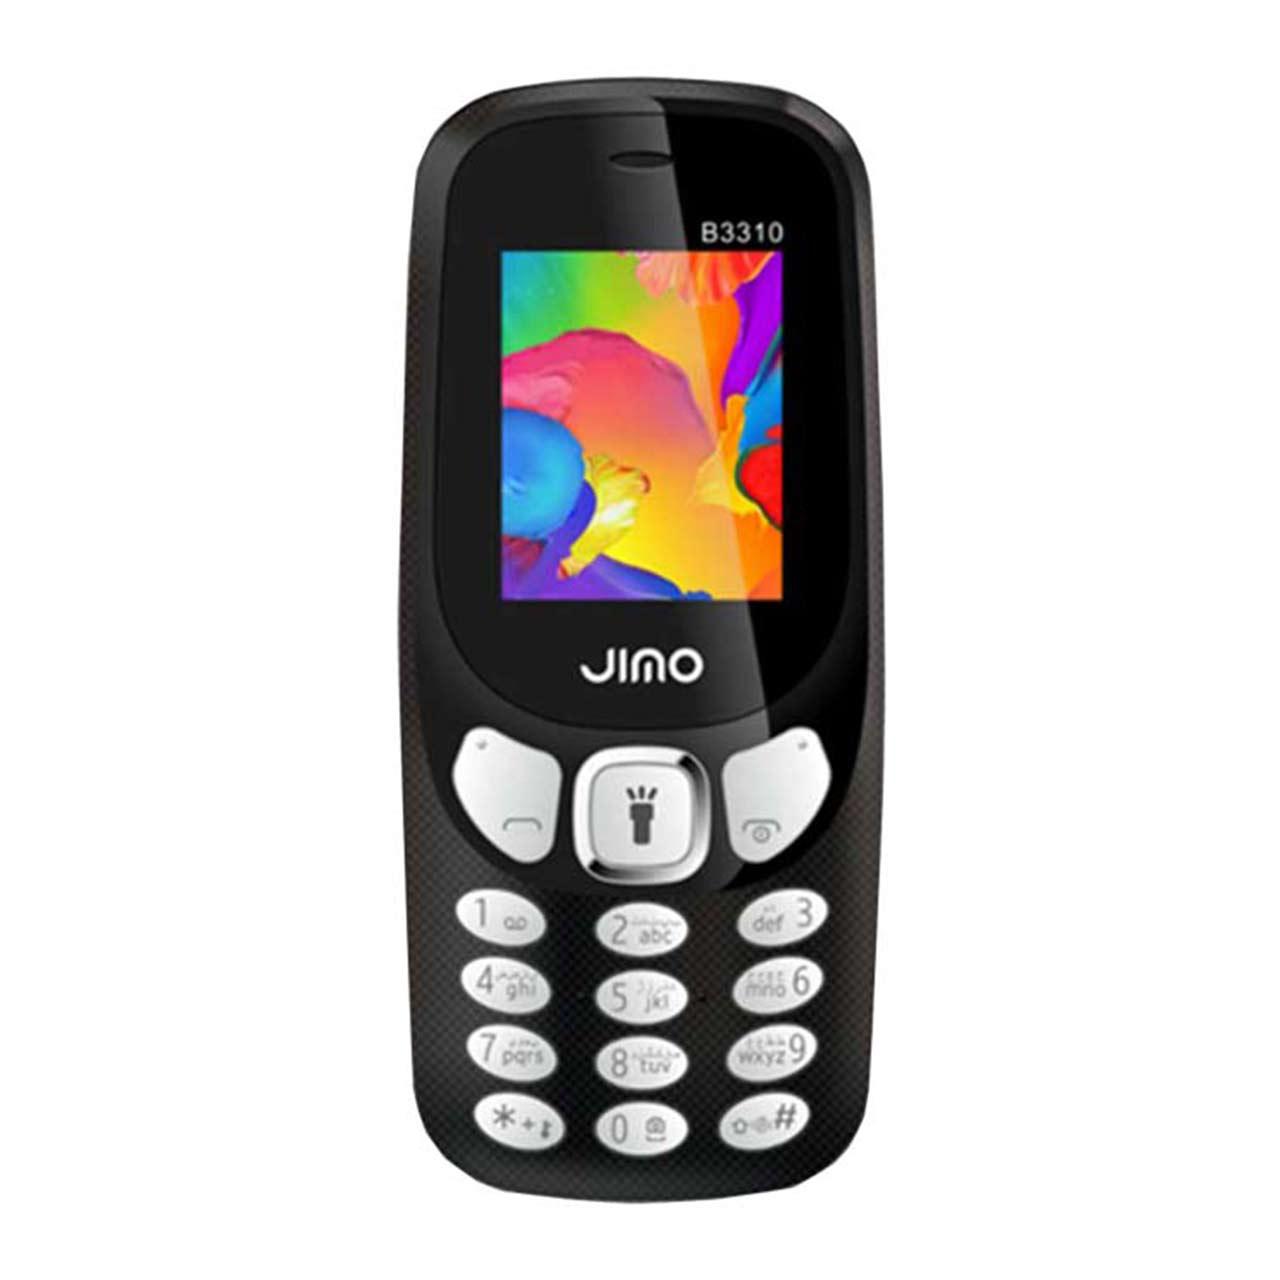 گوشی موبایل جیمو مدل B3310 دو سیمکارت